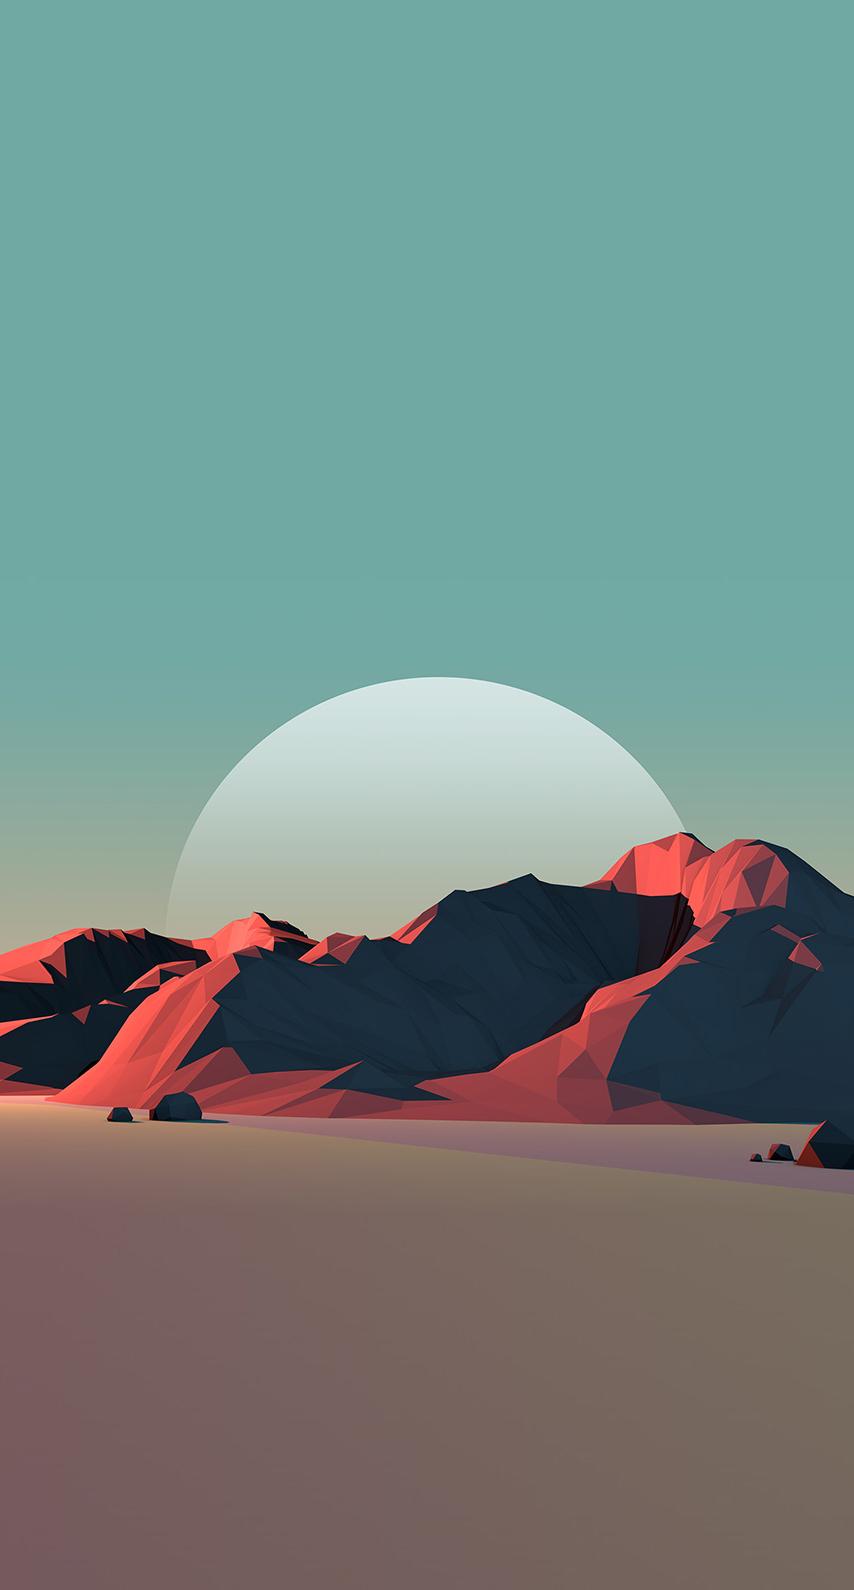 moon, desert, sunset, light, aircraft, flight, mountain